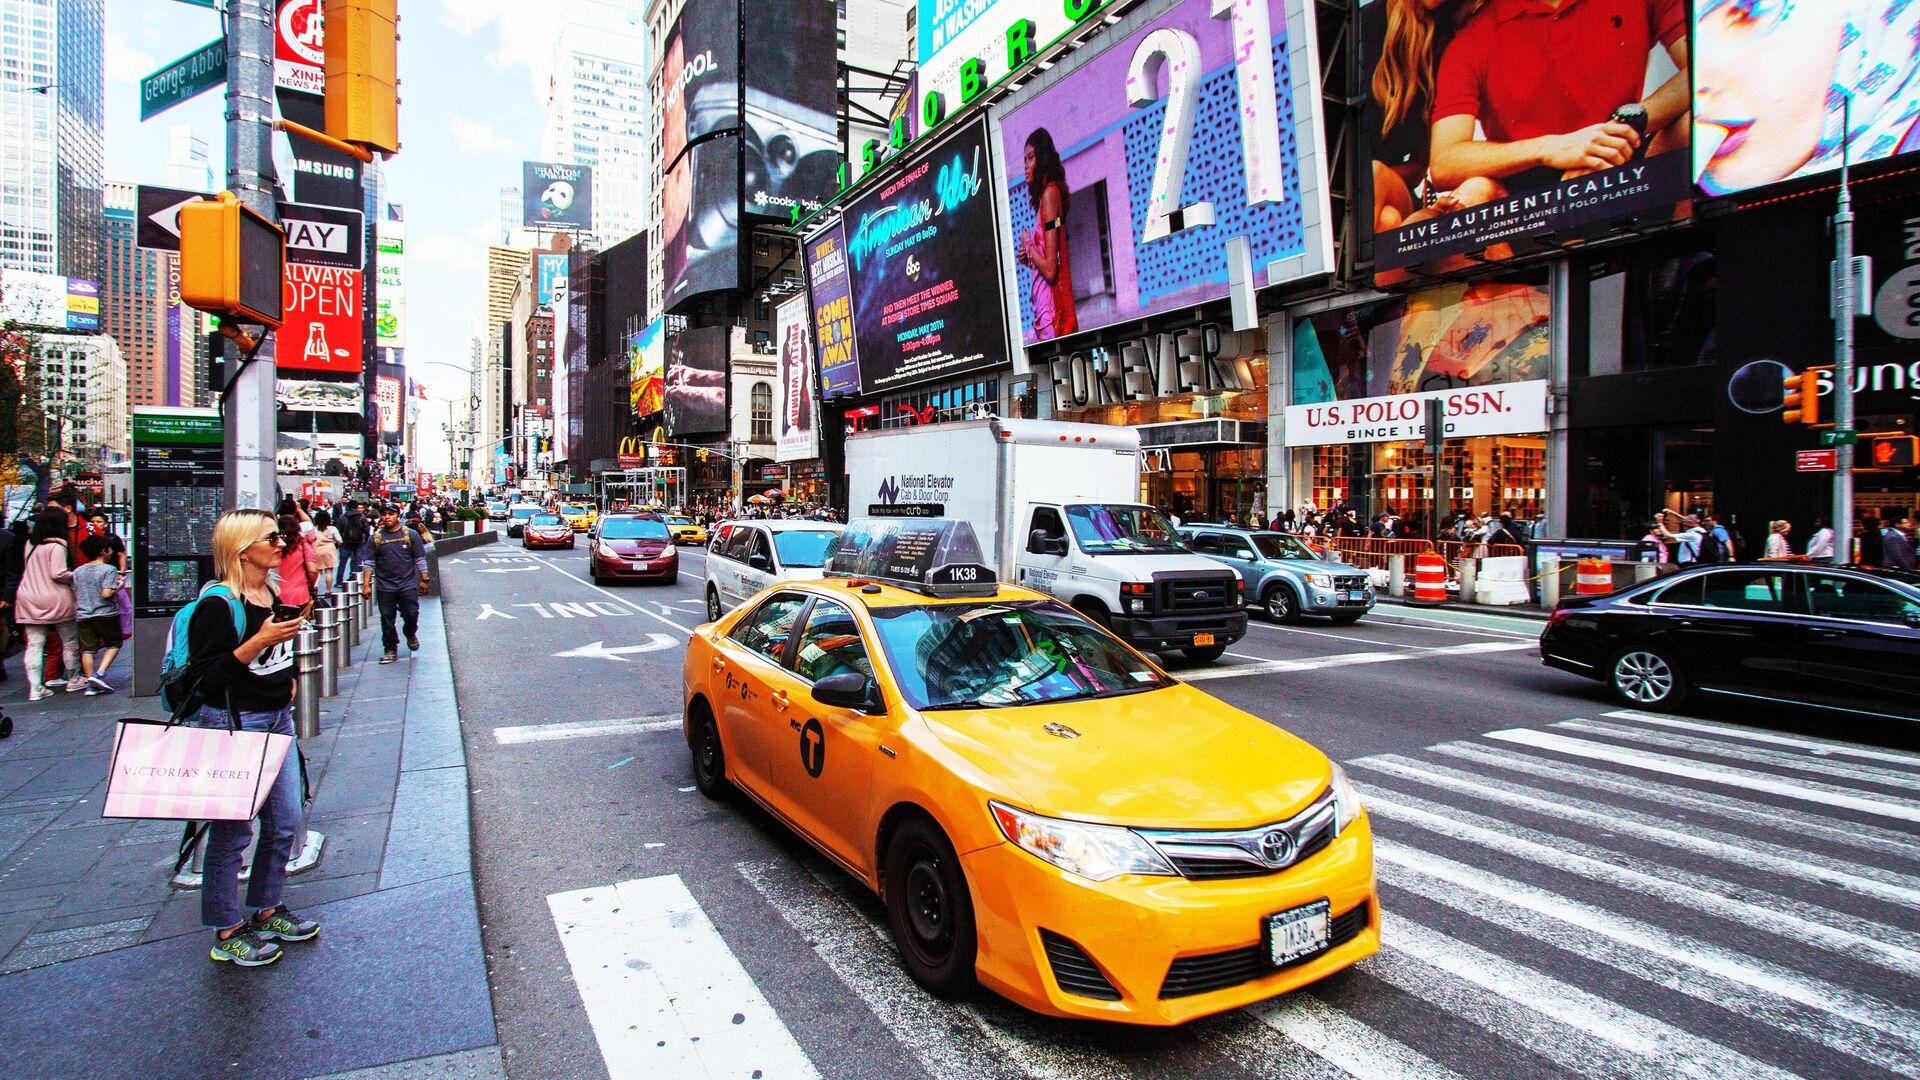 Такси на одной из улиц Нью-Йорка - РИА Новости, 1920, 22.09.2021